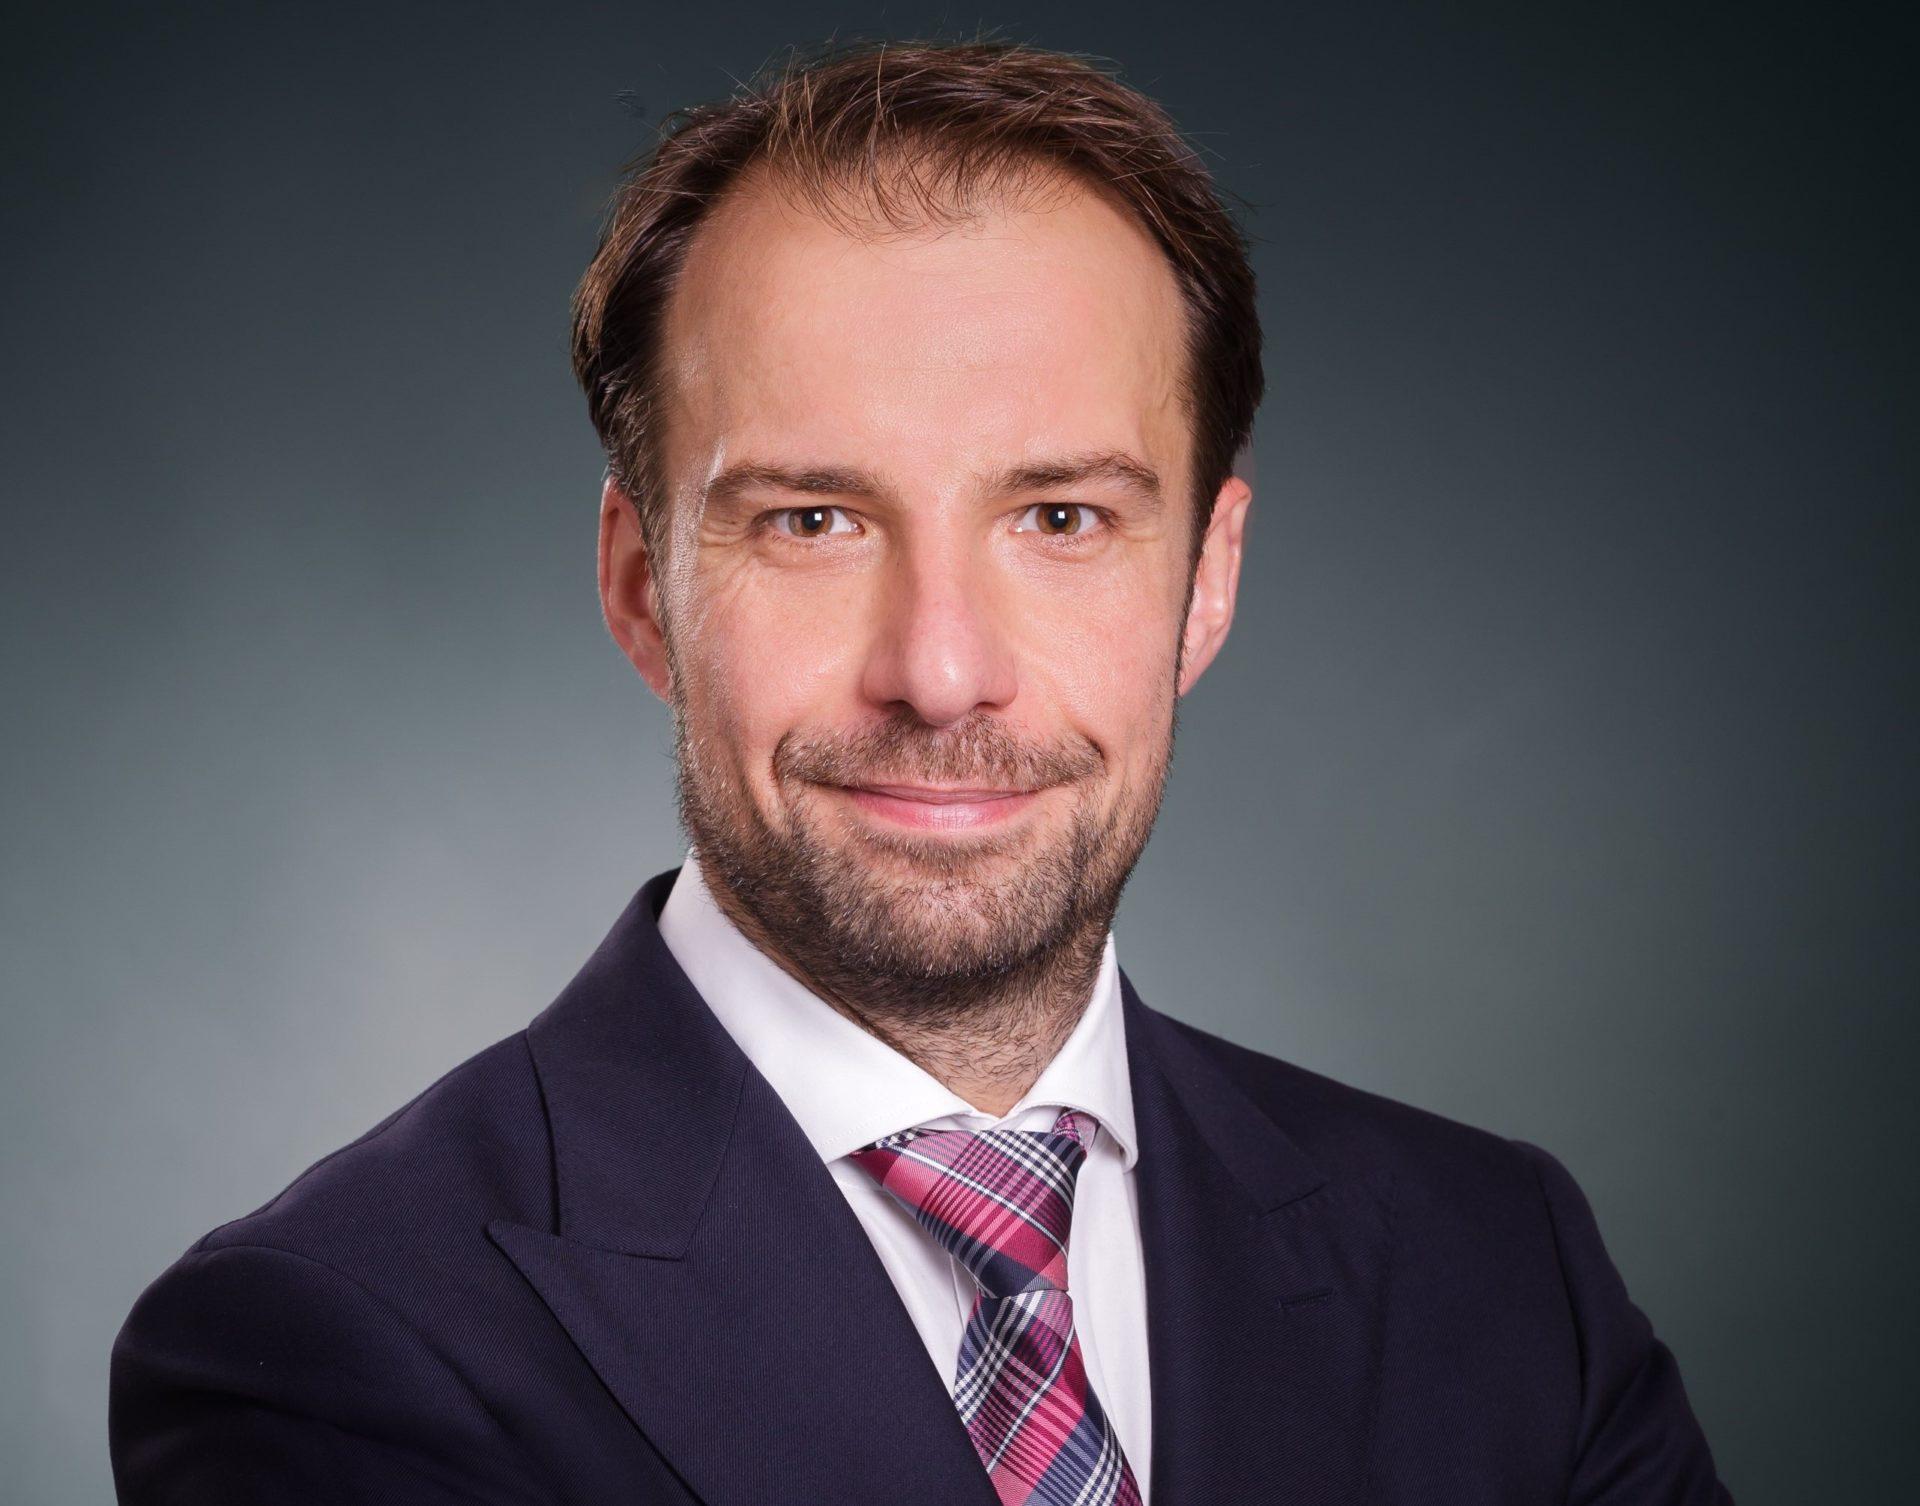 Dr.-Ing. Thorsten Büker